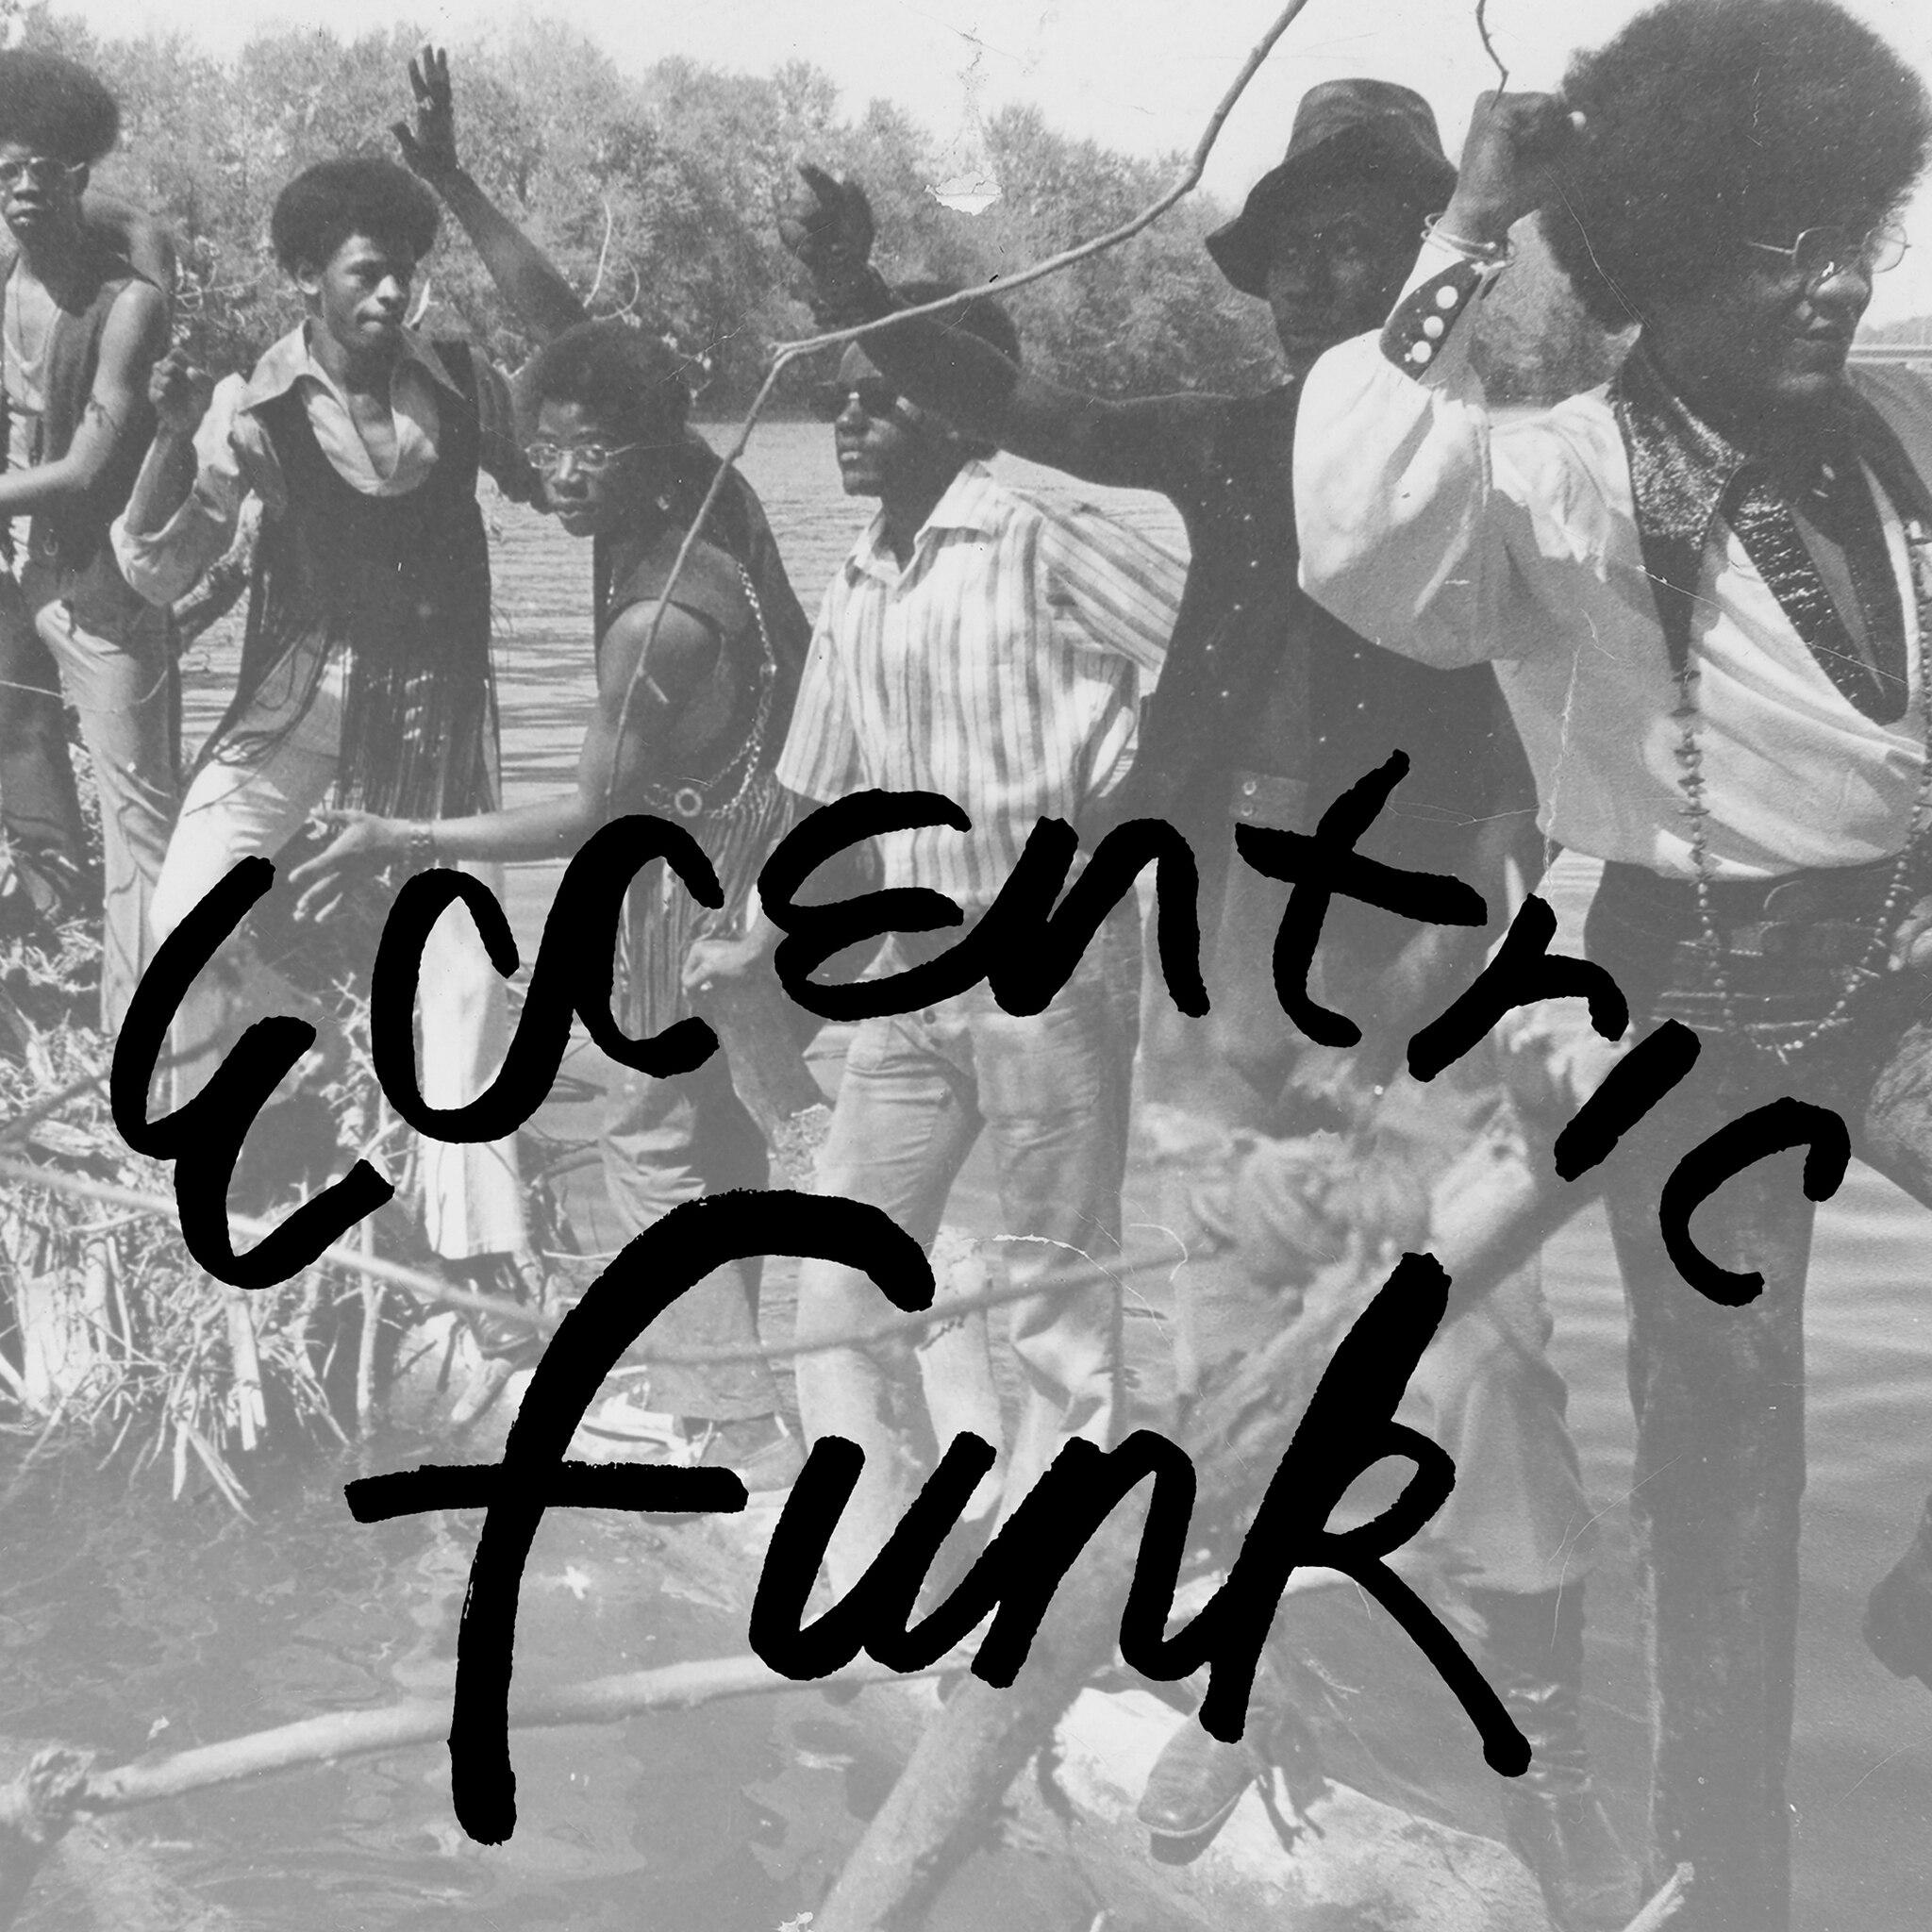 V/A - Eccentric Funk [LP] (indie Exclusive)